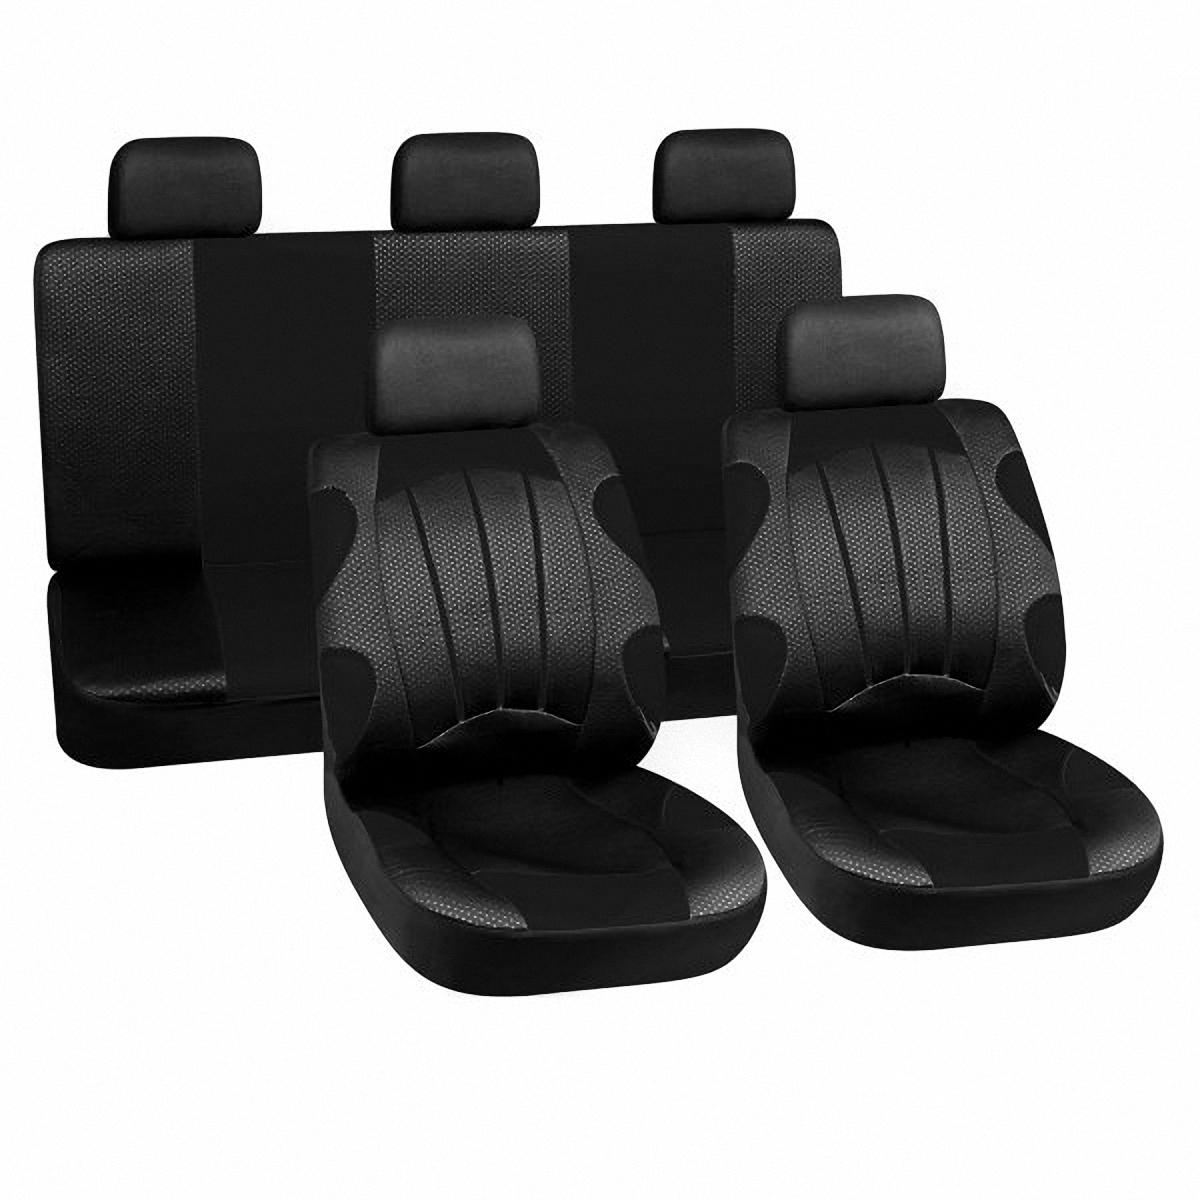 Чехлы автомобильные Skyway. LUX-28701 BK67008Вам не хватает уюта и комфорта в салоне? Самый лучший способ изменить это – одеть ваши сидения в чехлы SKYWAY. Изготовленные из полиэстера они защитят ваш салон от износа и повреждений. Более плотный поролон позволяет чехлам полностью прилегать к сидению автомобиля и меньше растягиваться в процессе использования. Ткань чехлов на сиденья SKYWAY не вытягивается, не истирается, великолепно сохраняет форму, устойчива к световому и тепловому воздействию, а ровные, крепкие швы не разойдутся даже при сильном натяжении.